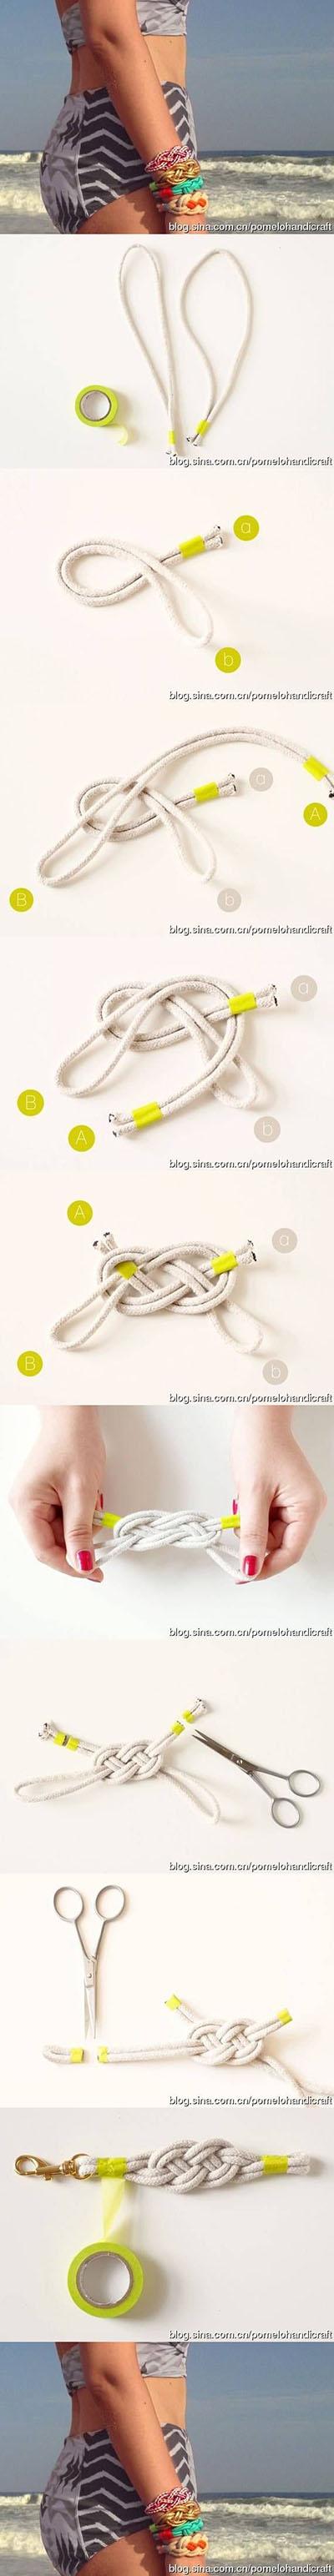 14 DIY Knot Bracelets bd417d12